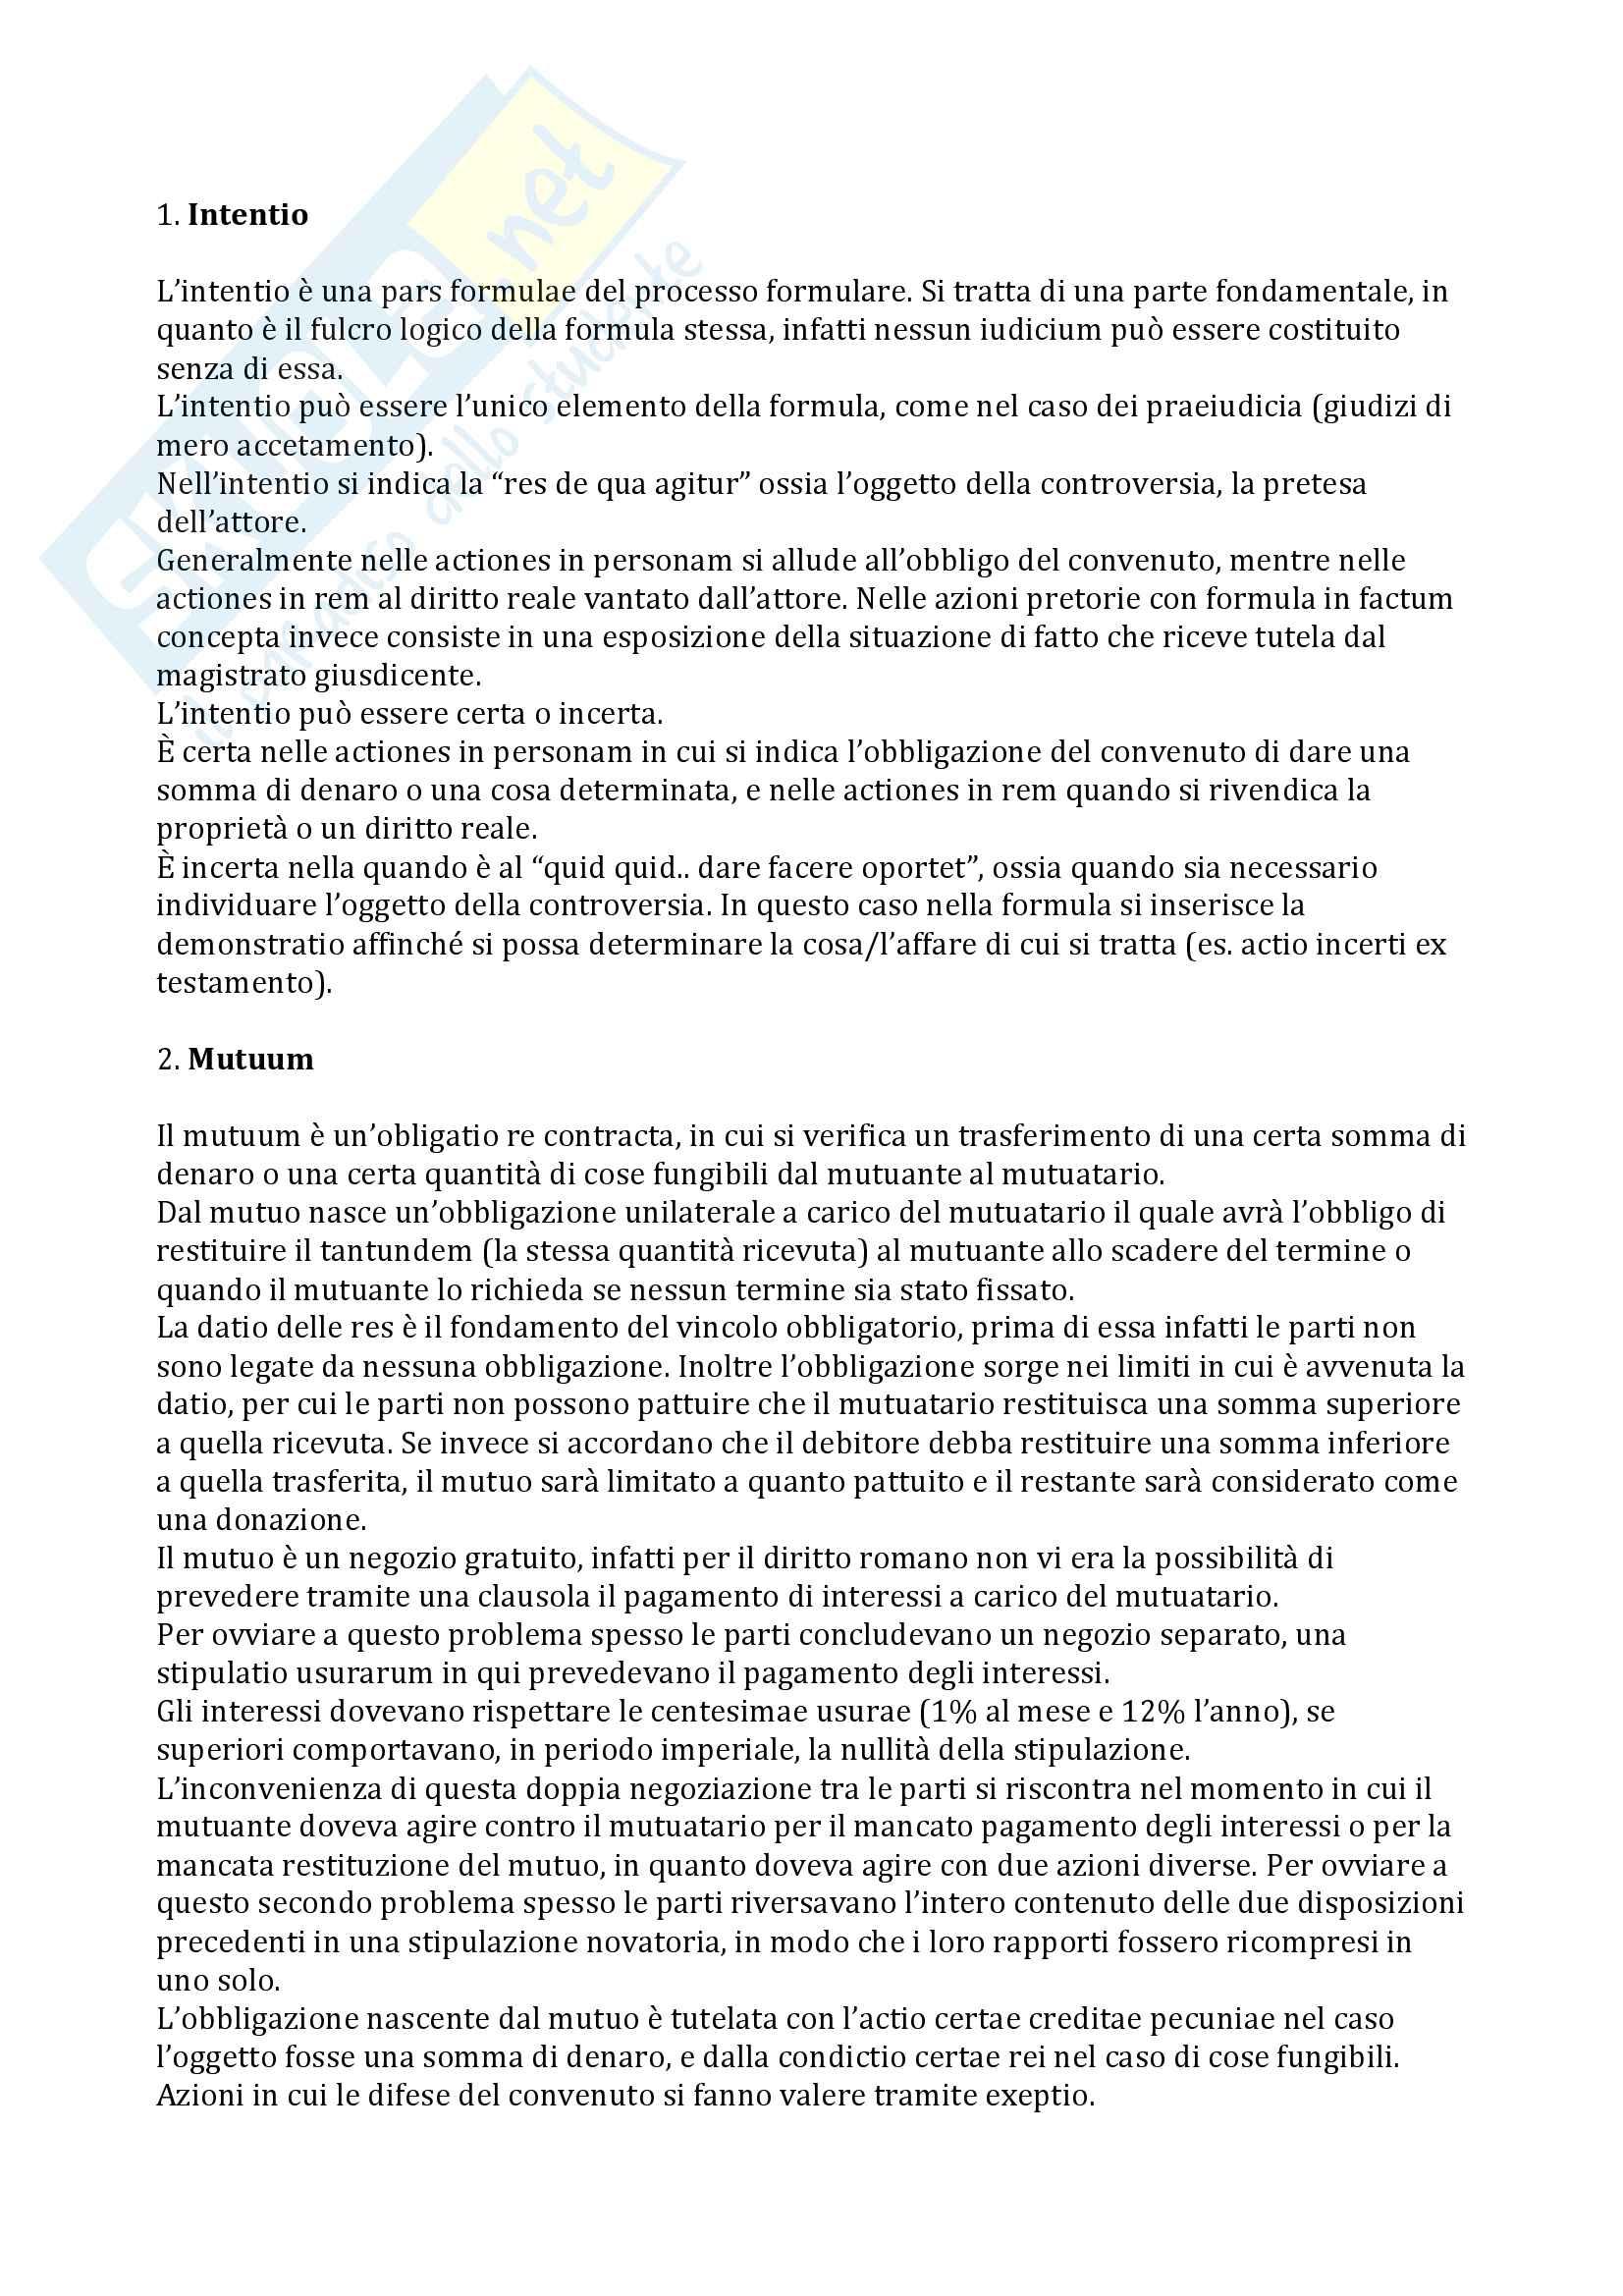 Domande esame Diritto Romano (Miglietta - trento)